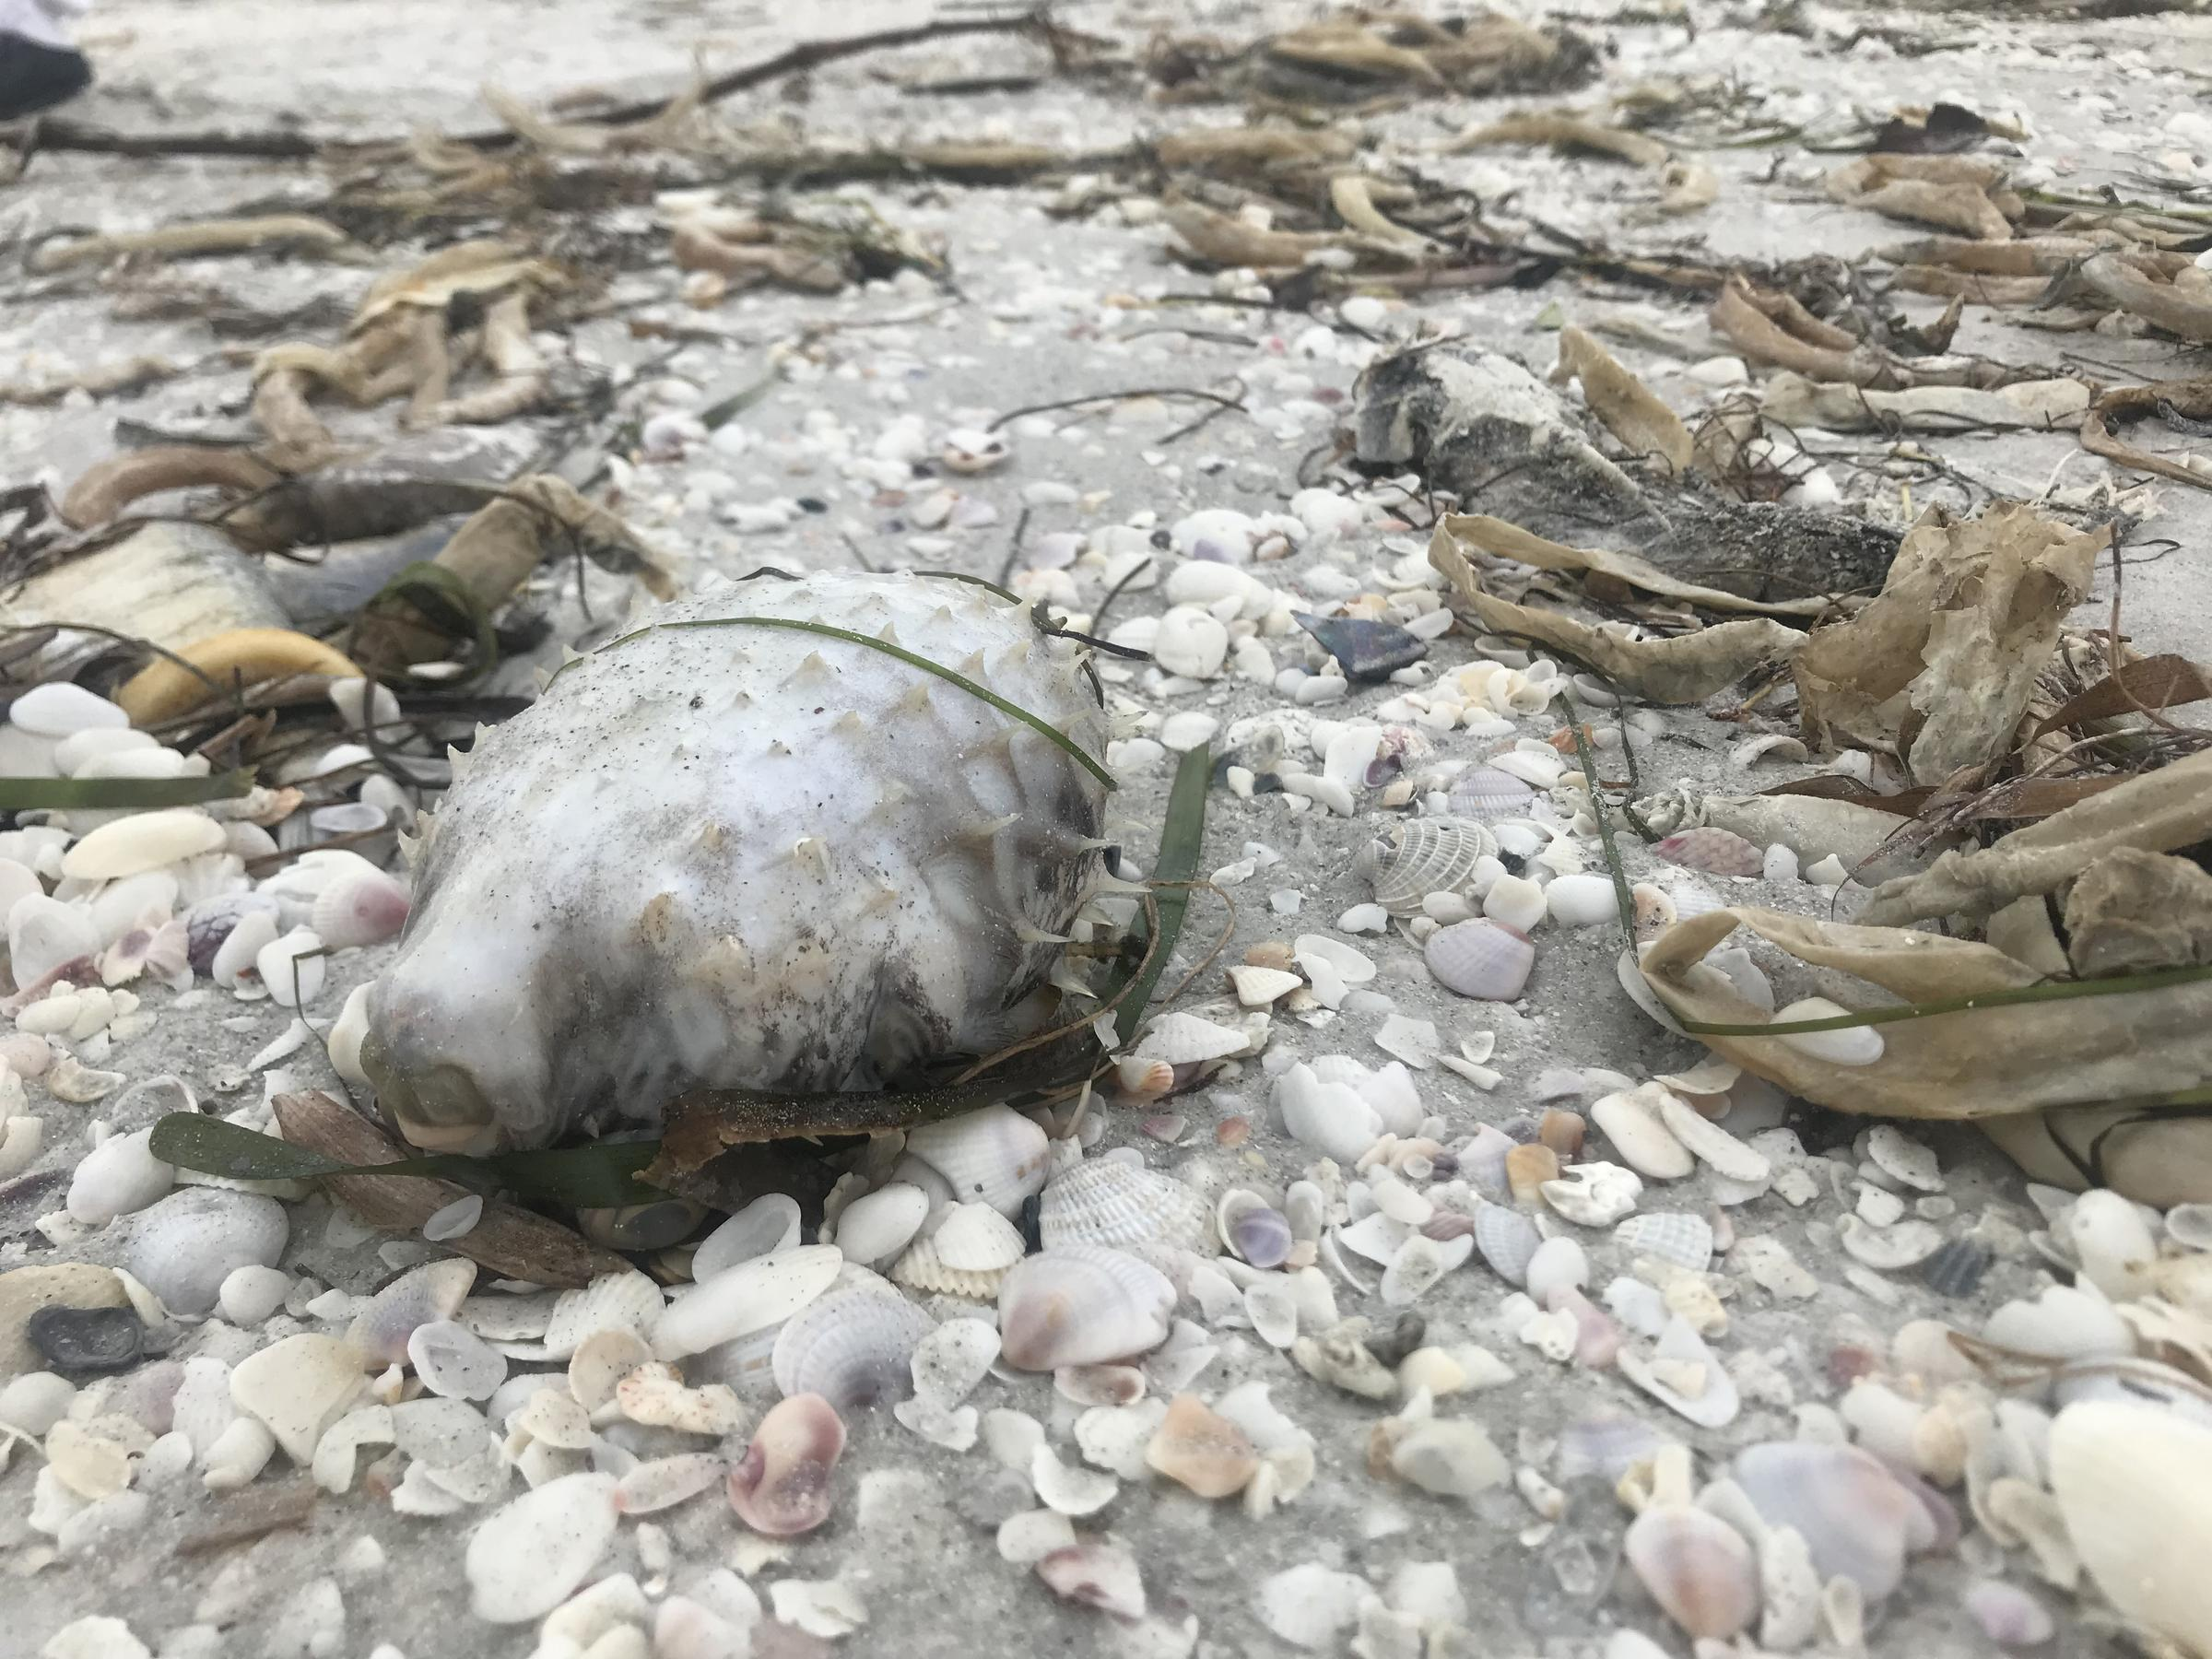 Red Tide Fish Kill on Sanibel Island | WGCU News